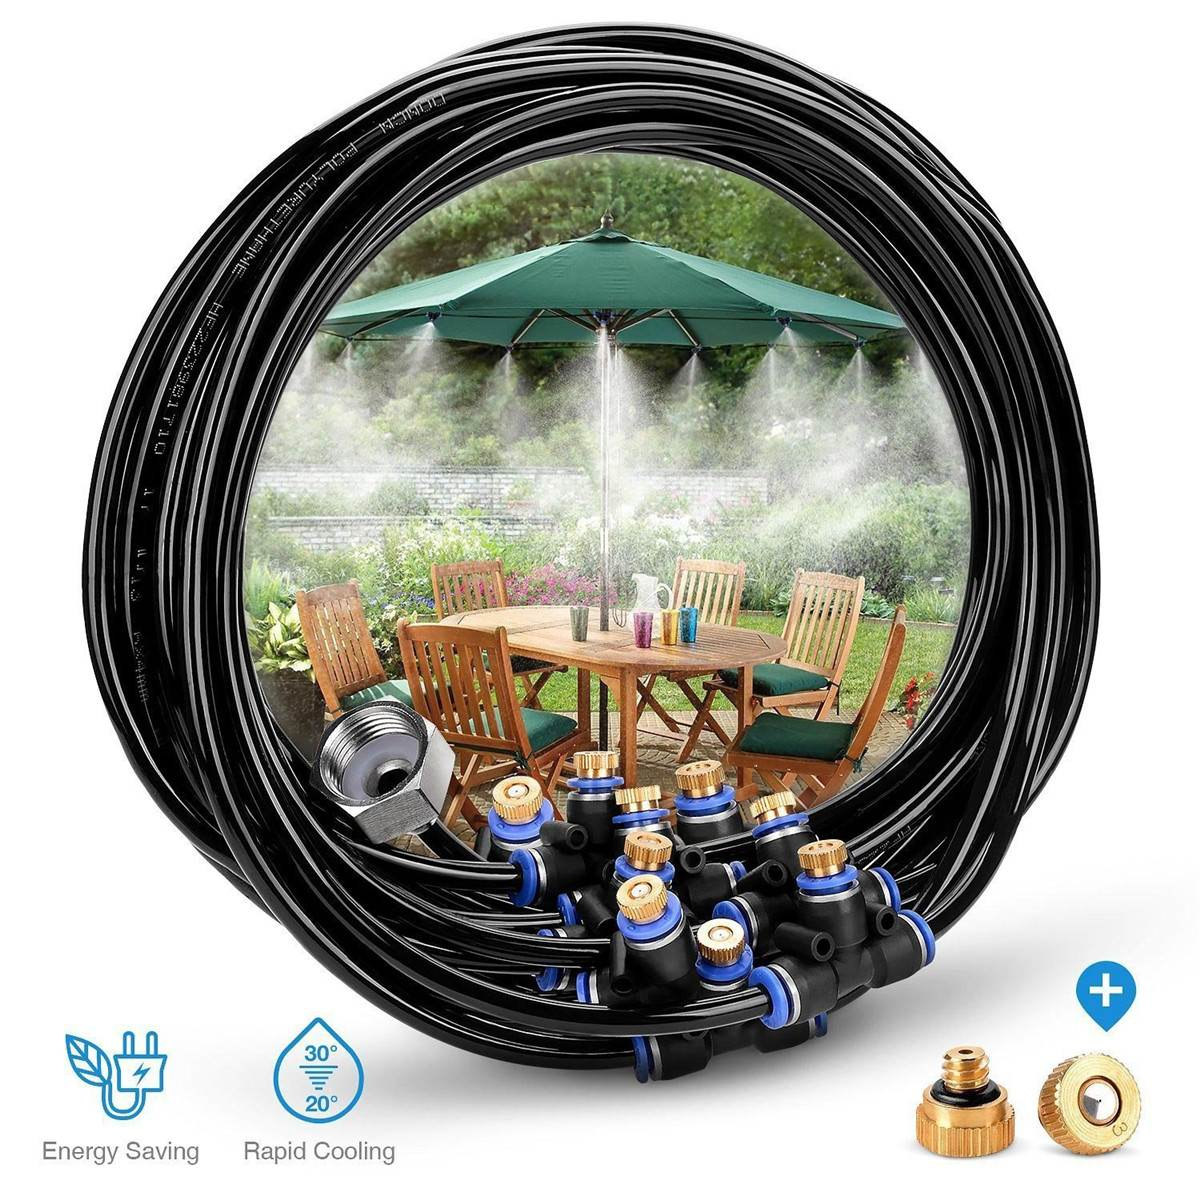 Neue 8M Outdoor Nebel Kühlmittel System Wasser Sprinkler Garten Terrasse Kühlung Spray Kits